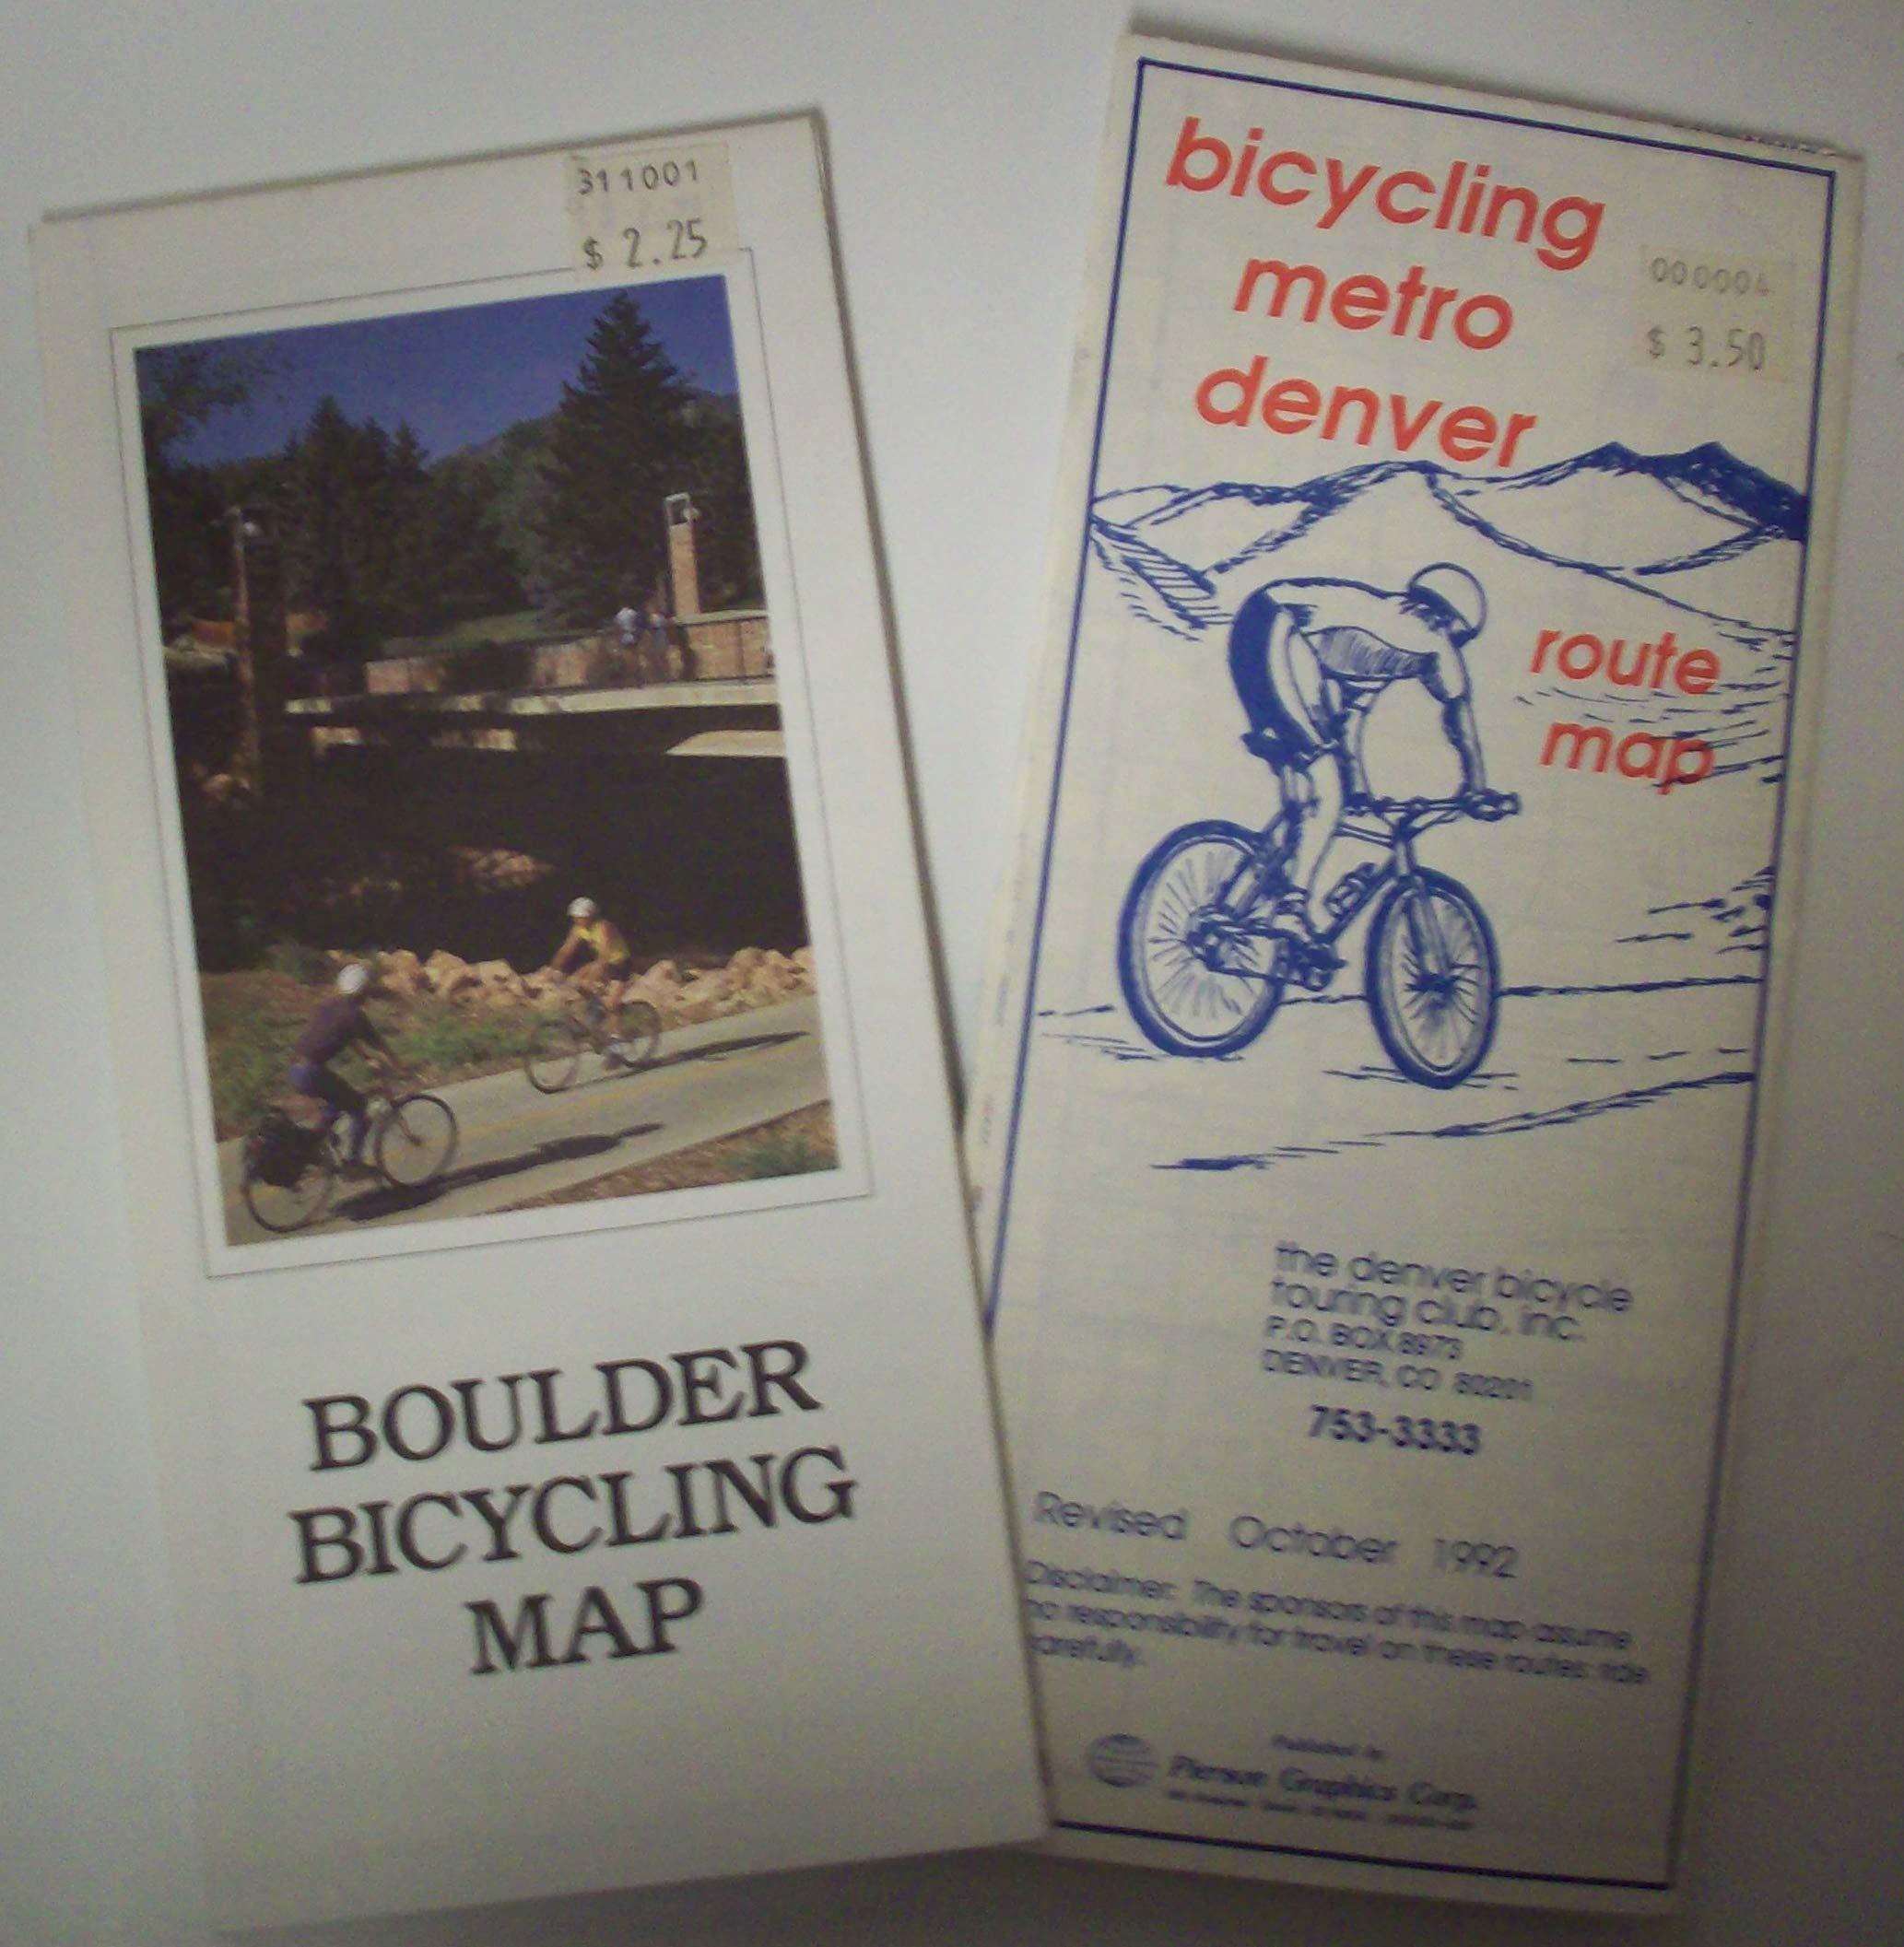 Vintage Bike Maps of Boulder & Metro Denver: Jan Autrey ... on denver surrounding cities, denver road map, denver nationals park, denver park map, denver taxi map, denver street map, denver cycle map, denver hiking map, denver beer company, denver home, denver zip code map, denver mugshots, denver greenway trail map, denver ghetto, denver national airport, denver health map, denver cabinets, denver freeways, denver on map,